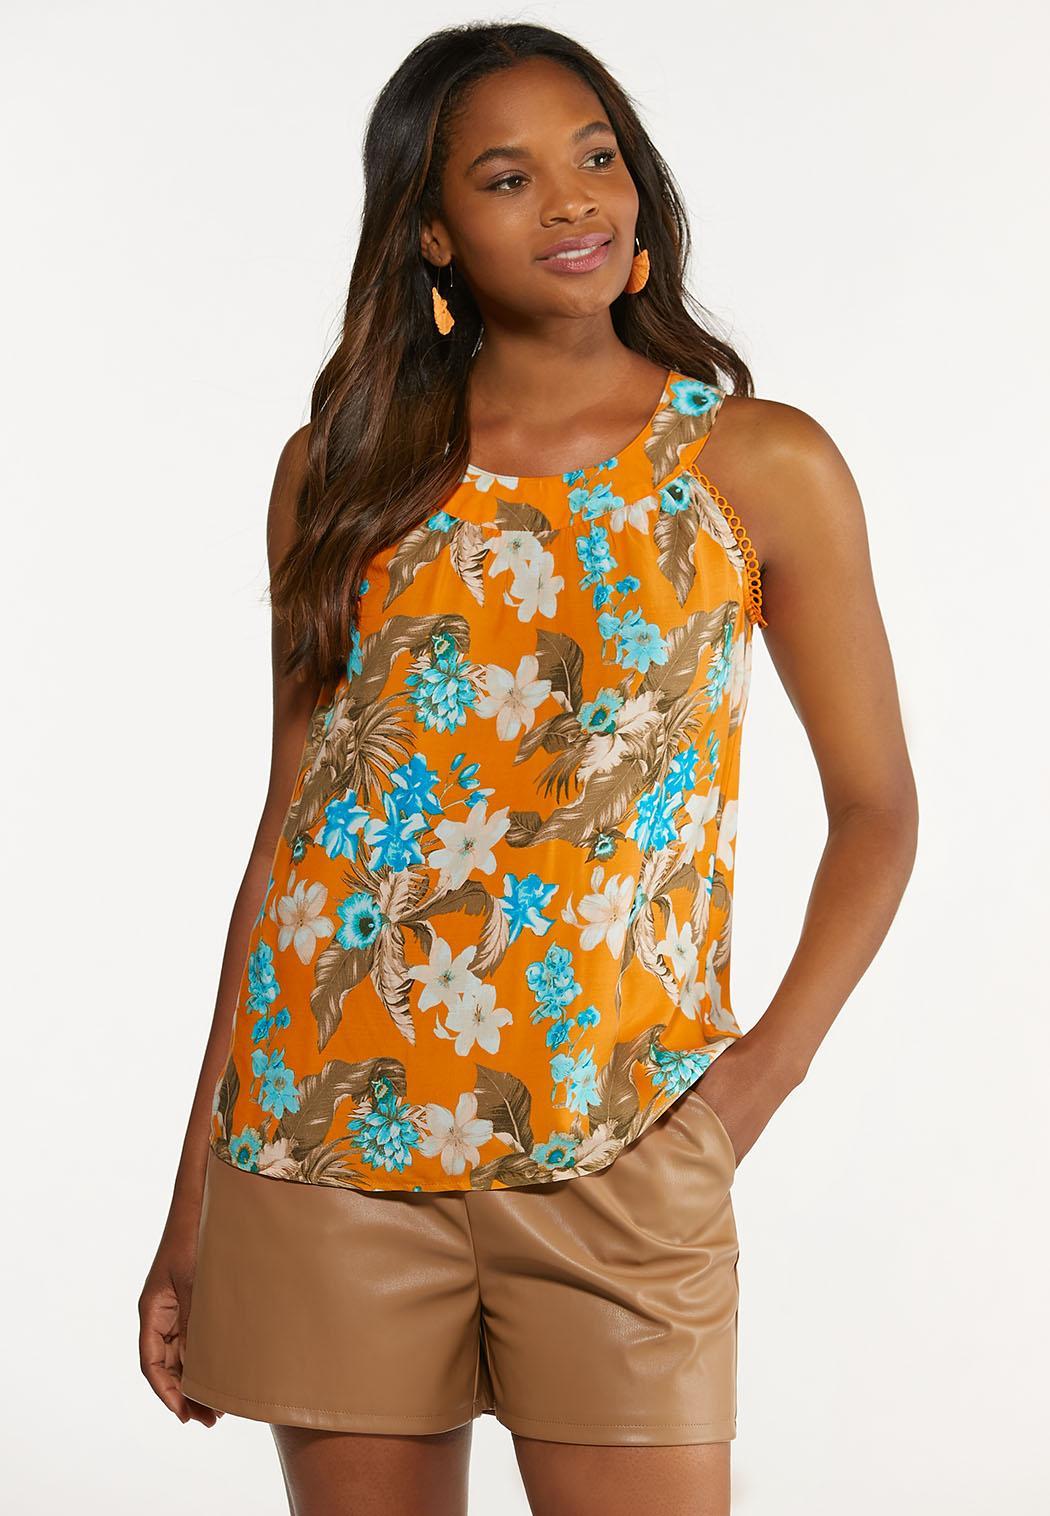 Plus Size Apricot Floral Top